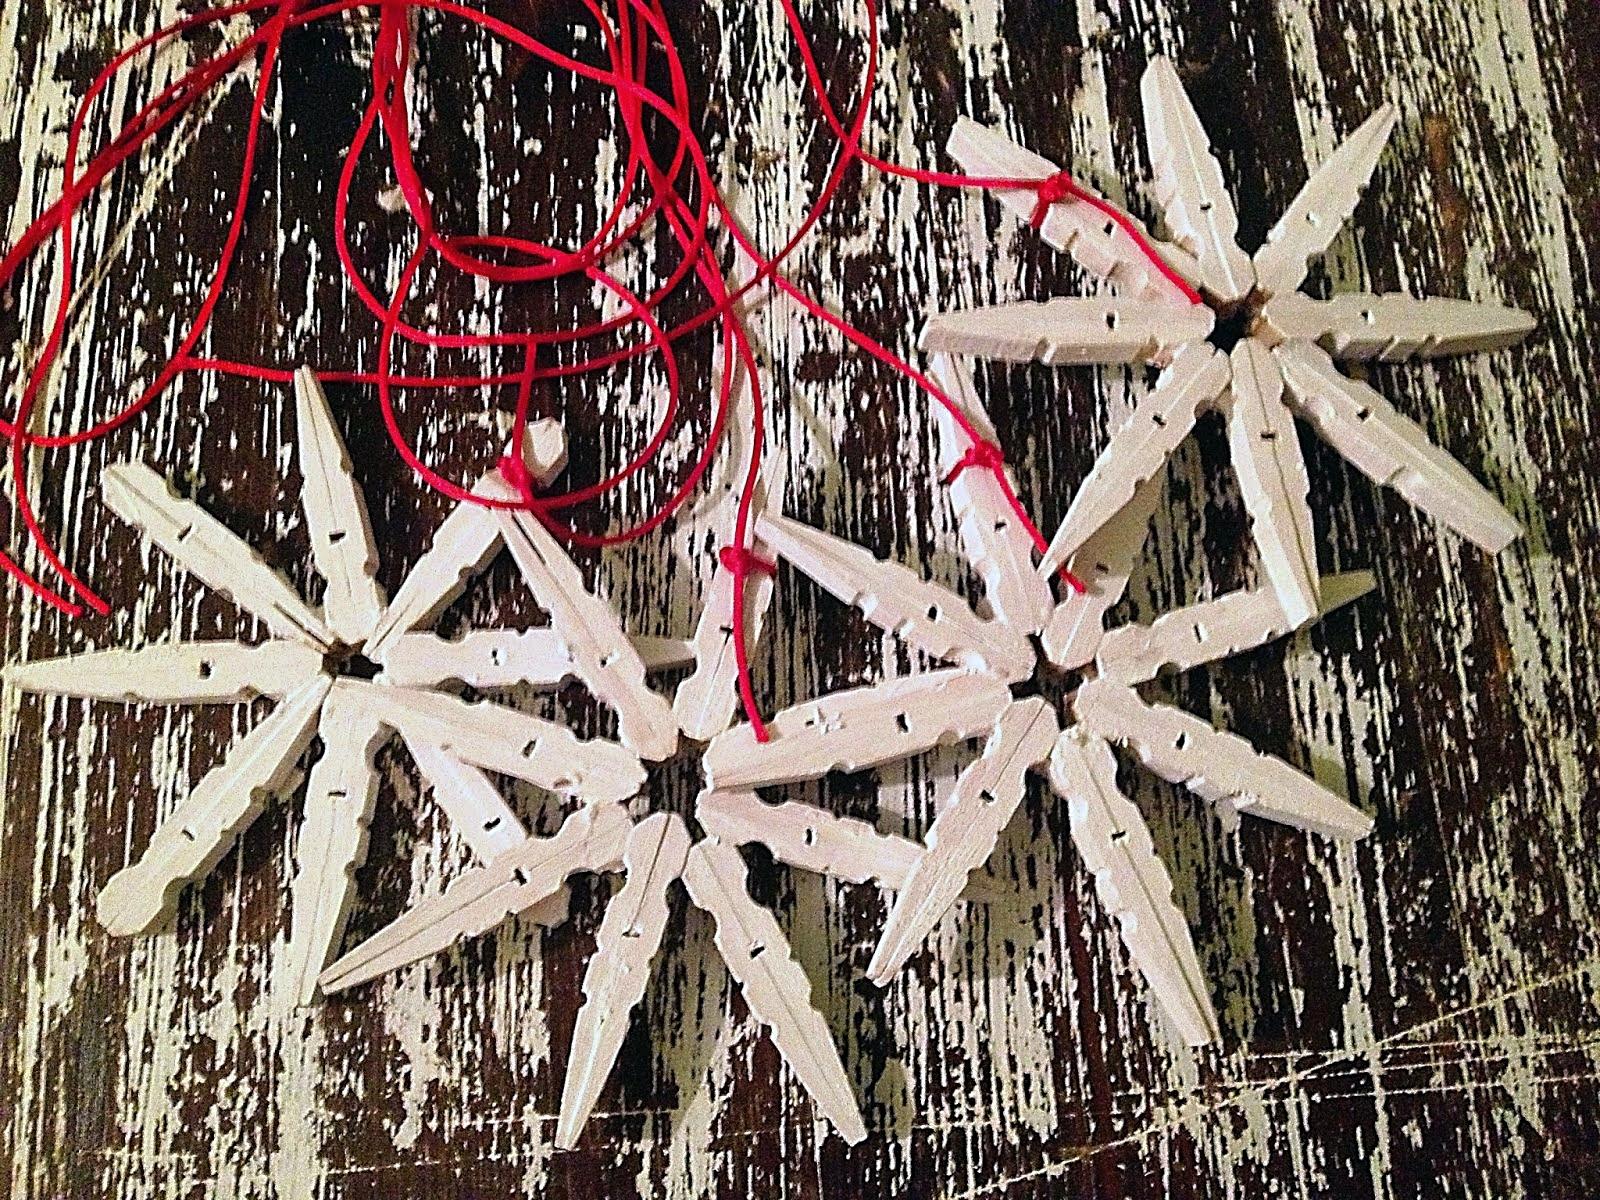 vánoční hvězdy z prádelních kolíčků